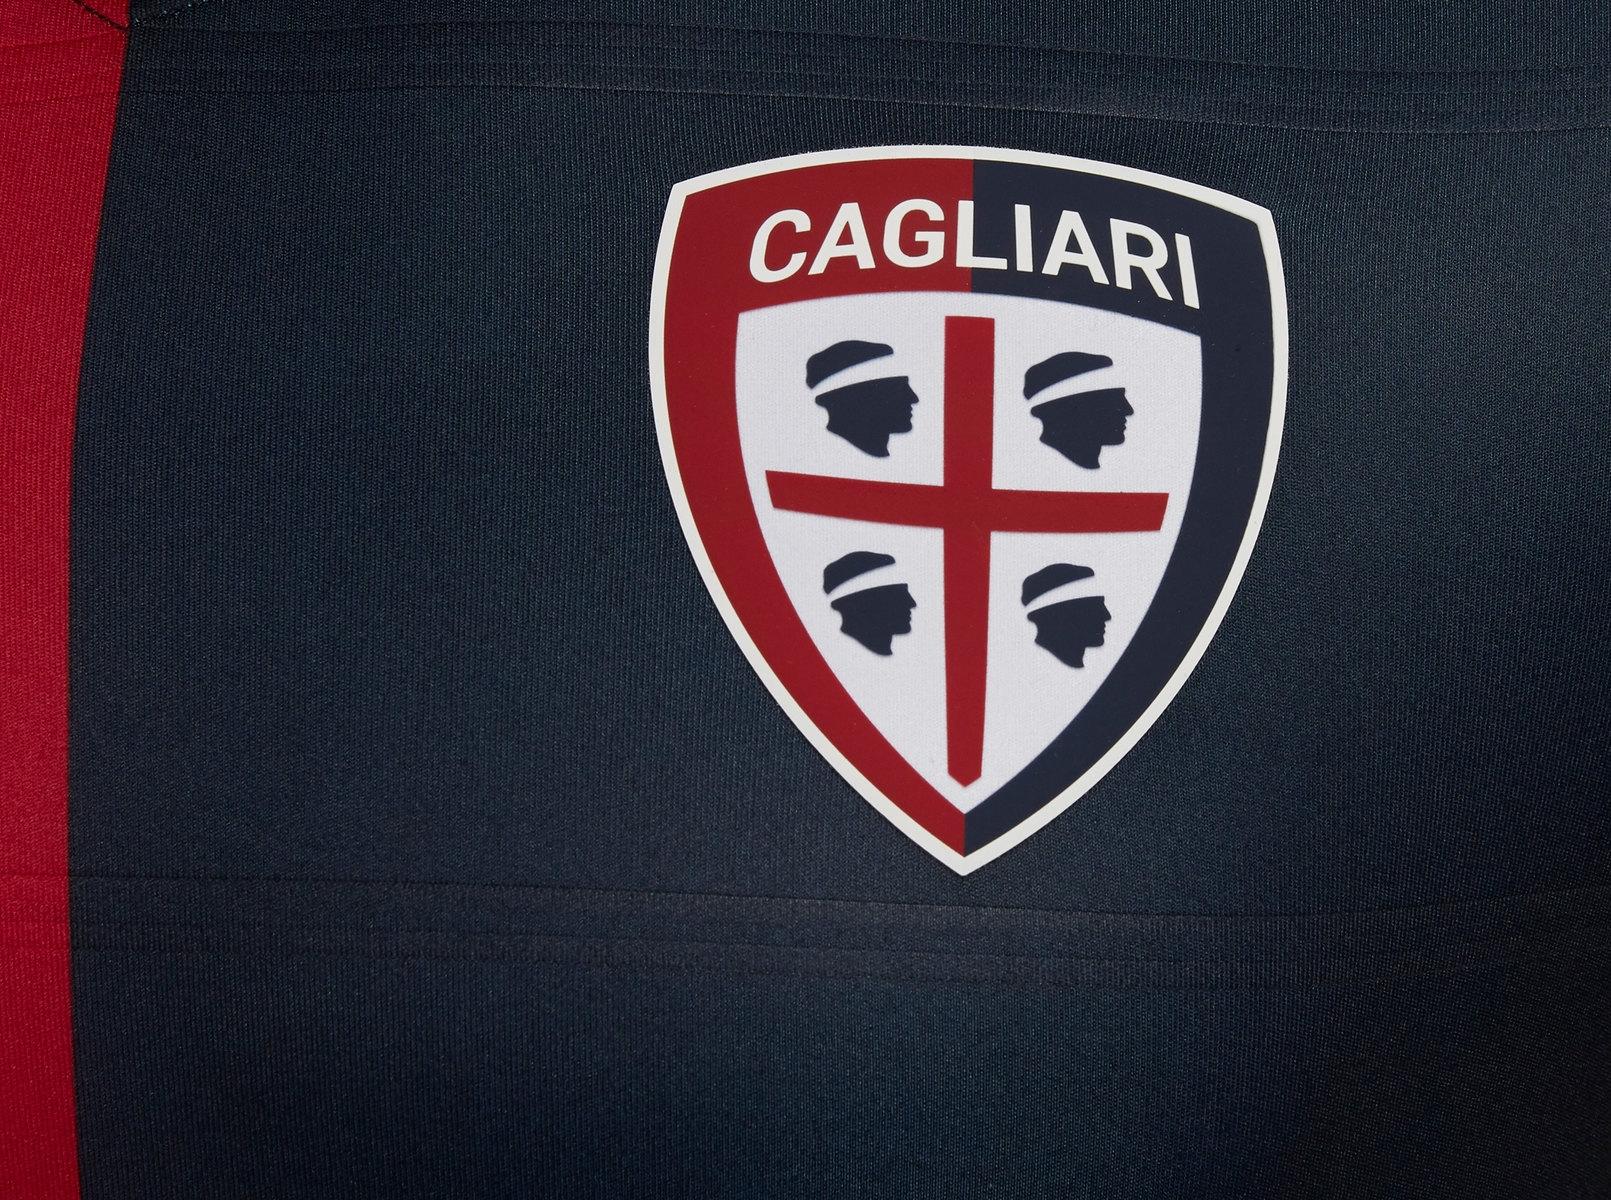 Camiseta titular 2018/19 del Cagliari Calcio | Imagen Macron